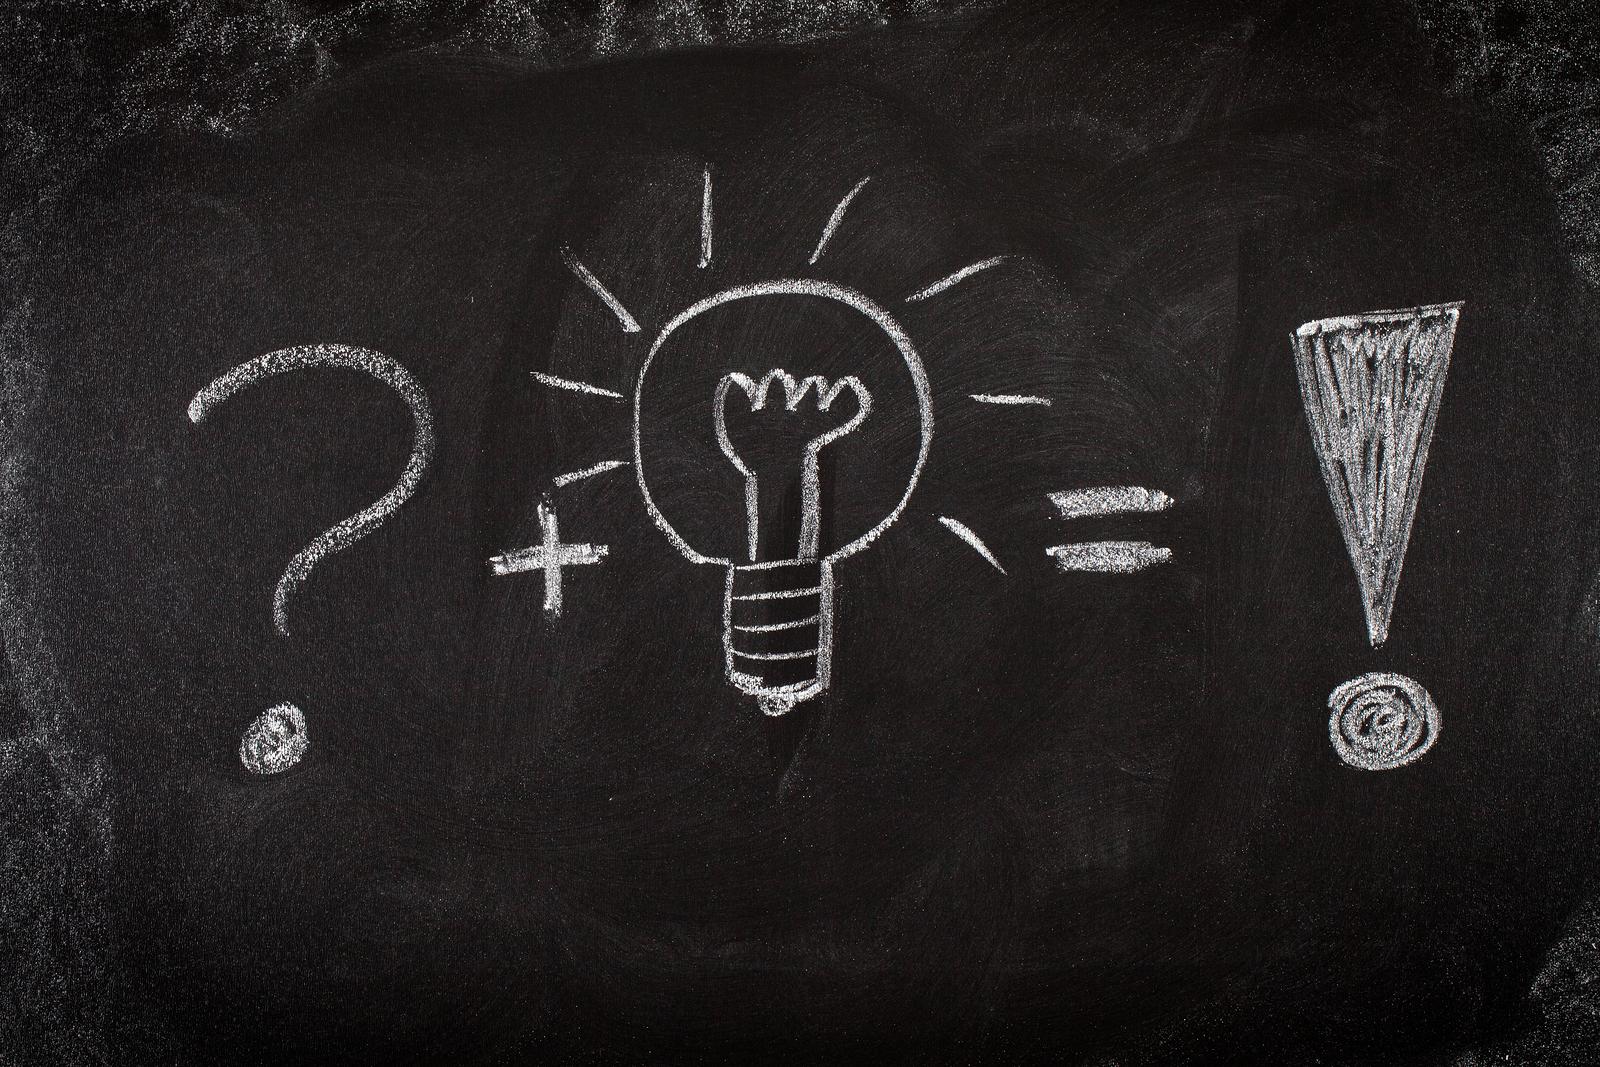 El 97% de los educadores encuestados cree que los estudiantes deberán aprender habilidades referentes a la resolución creativa de problemas, mientras que el 74% piensa que esta habilidad será necesaria en la era de la automatización. - Foto: Bigstock.com